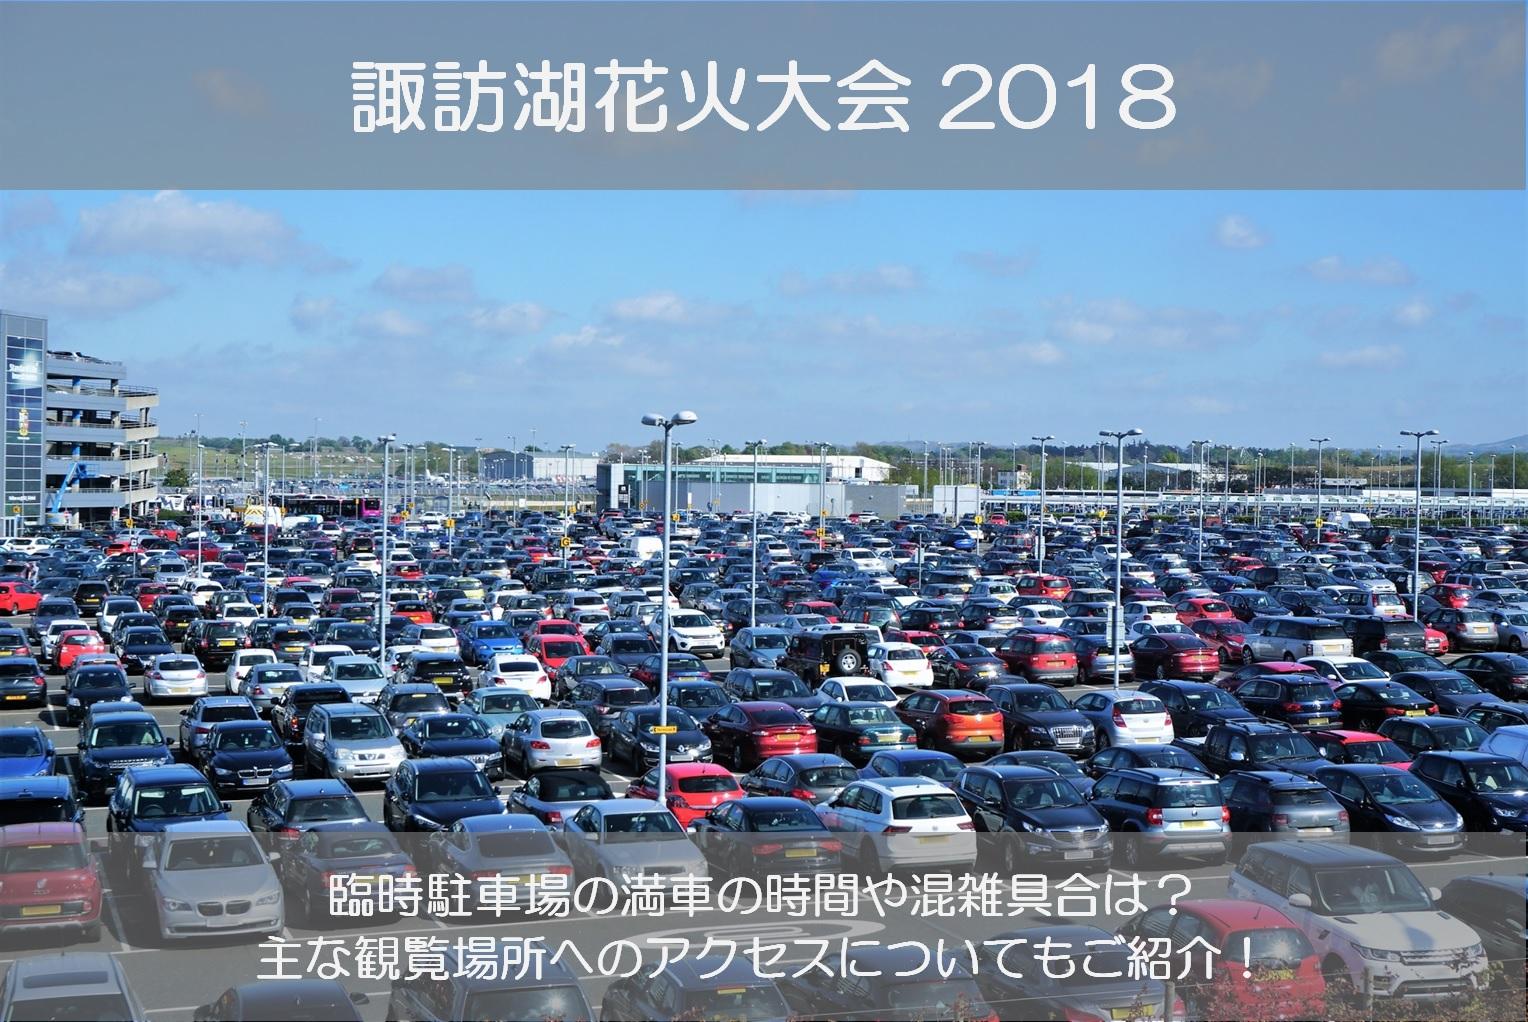 諏訪湖花火大会2018の臨時駐車場を徹底検証!満車の時間や混雑状況は?